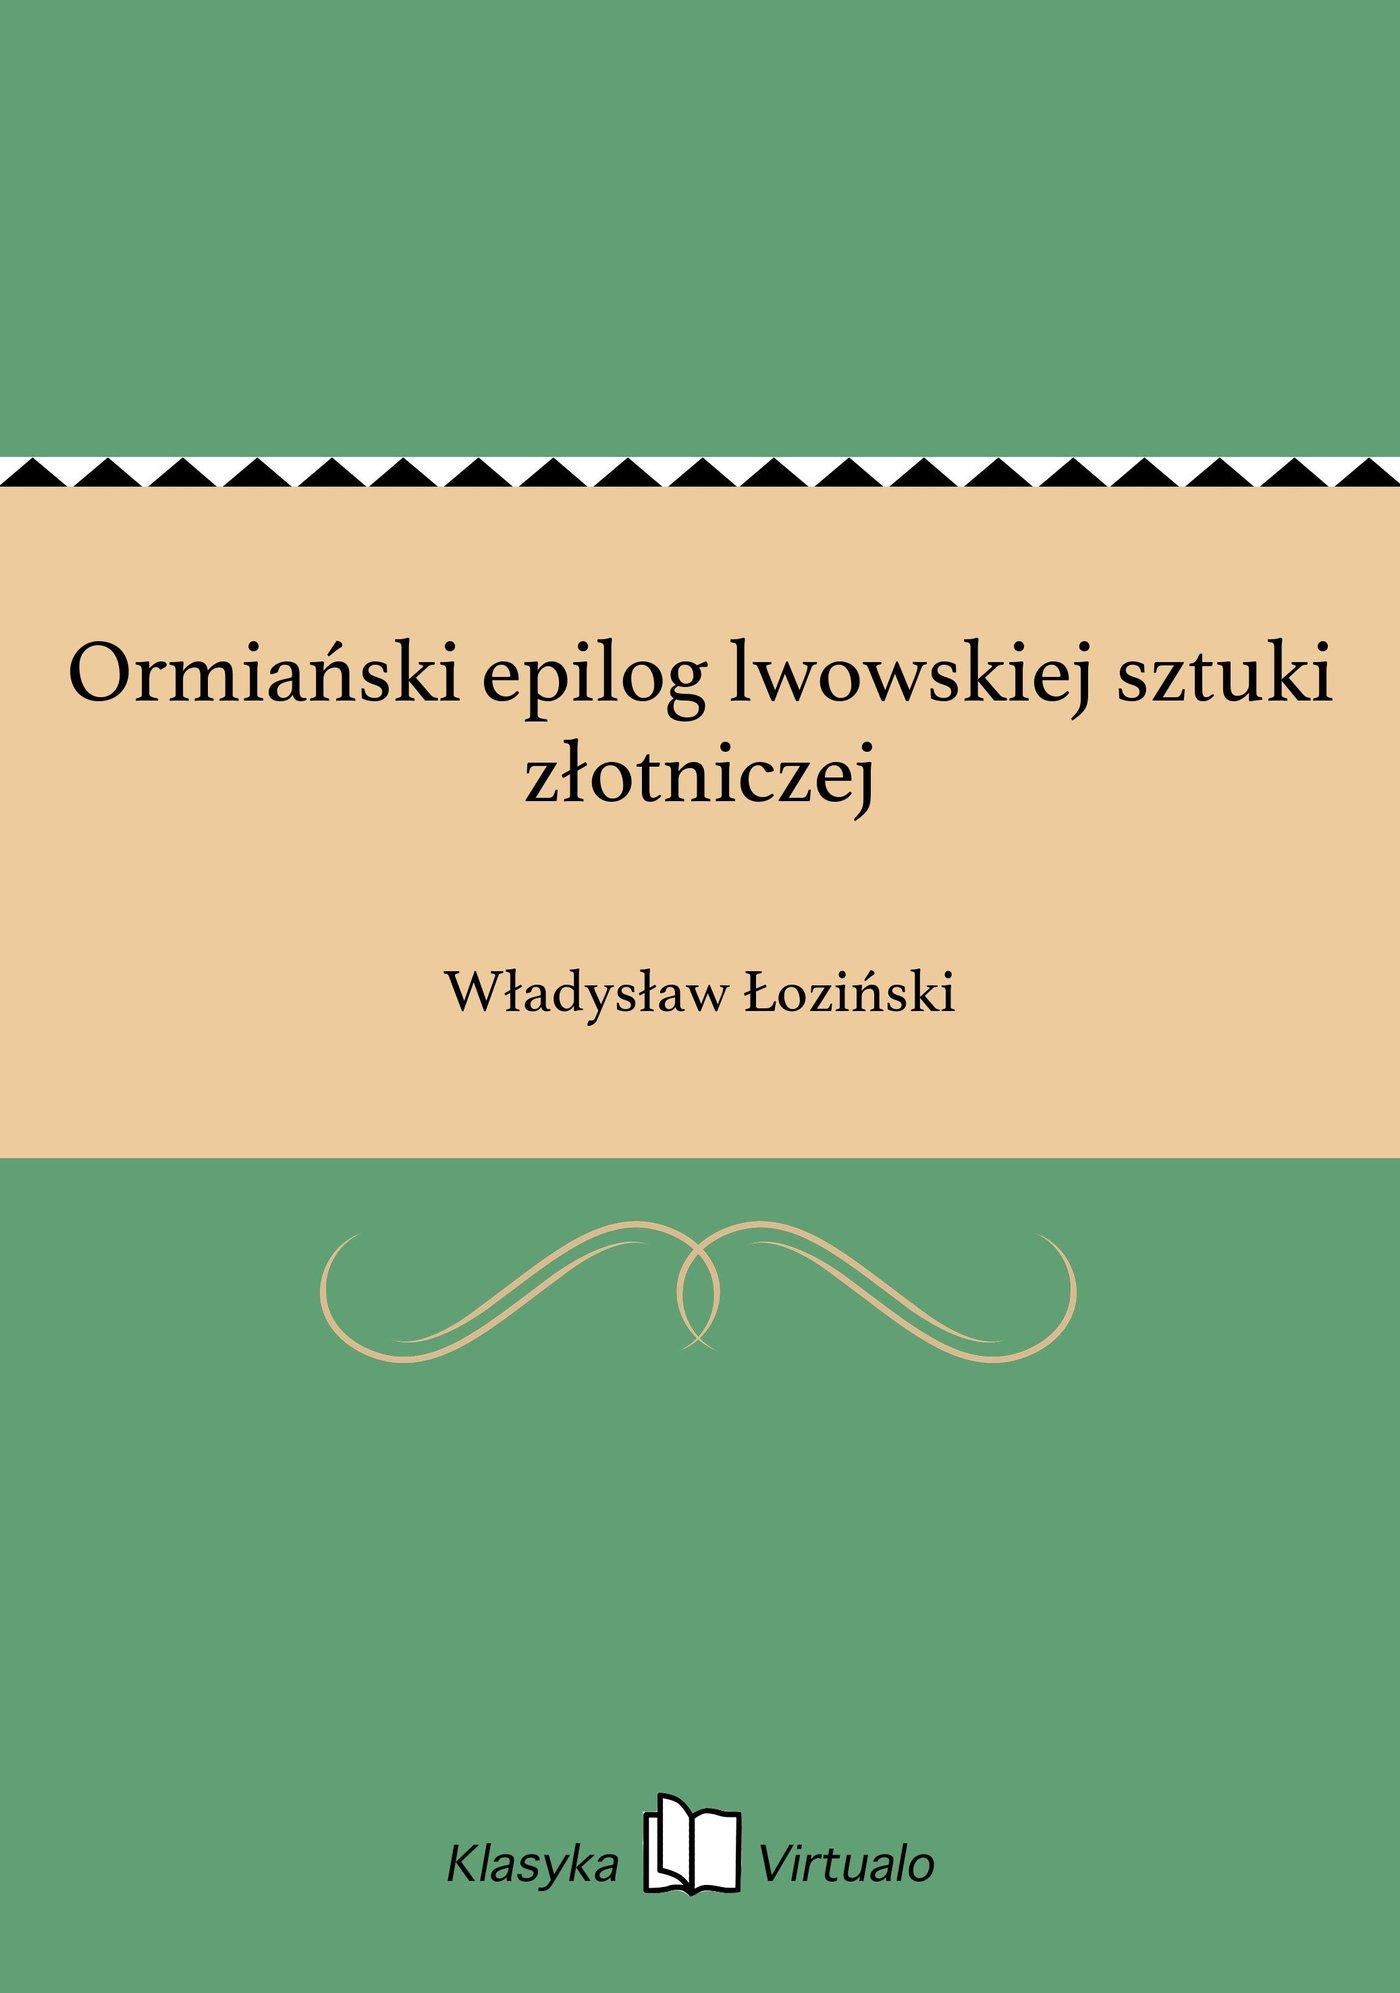 Ormiański epilog lwowskiej sztuki złotniczej - Ebook (Książka EPUB) do pobrania w formacie EPUB